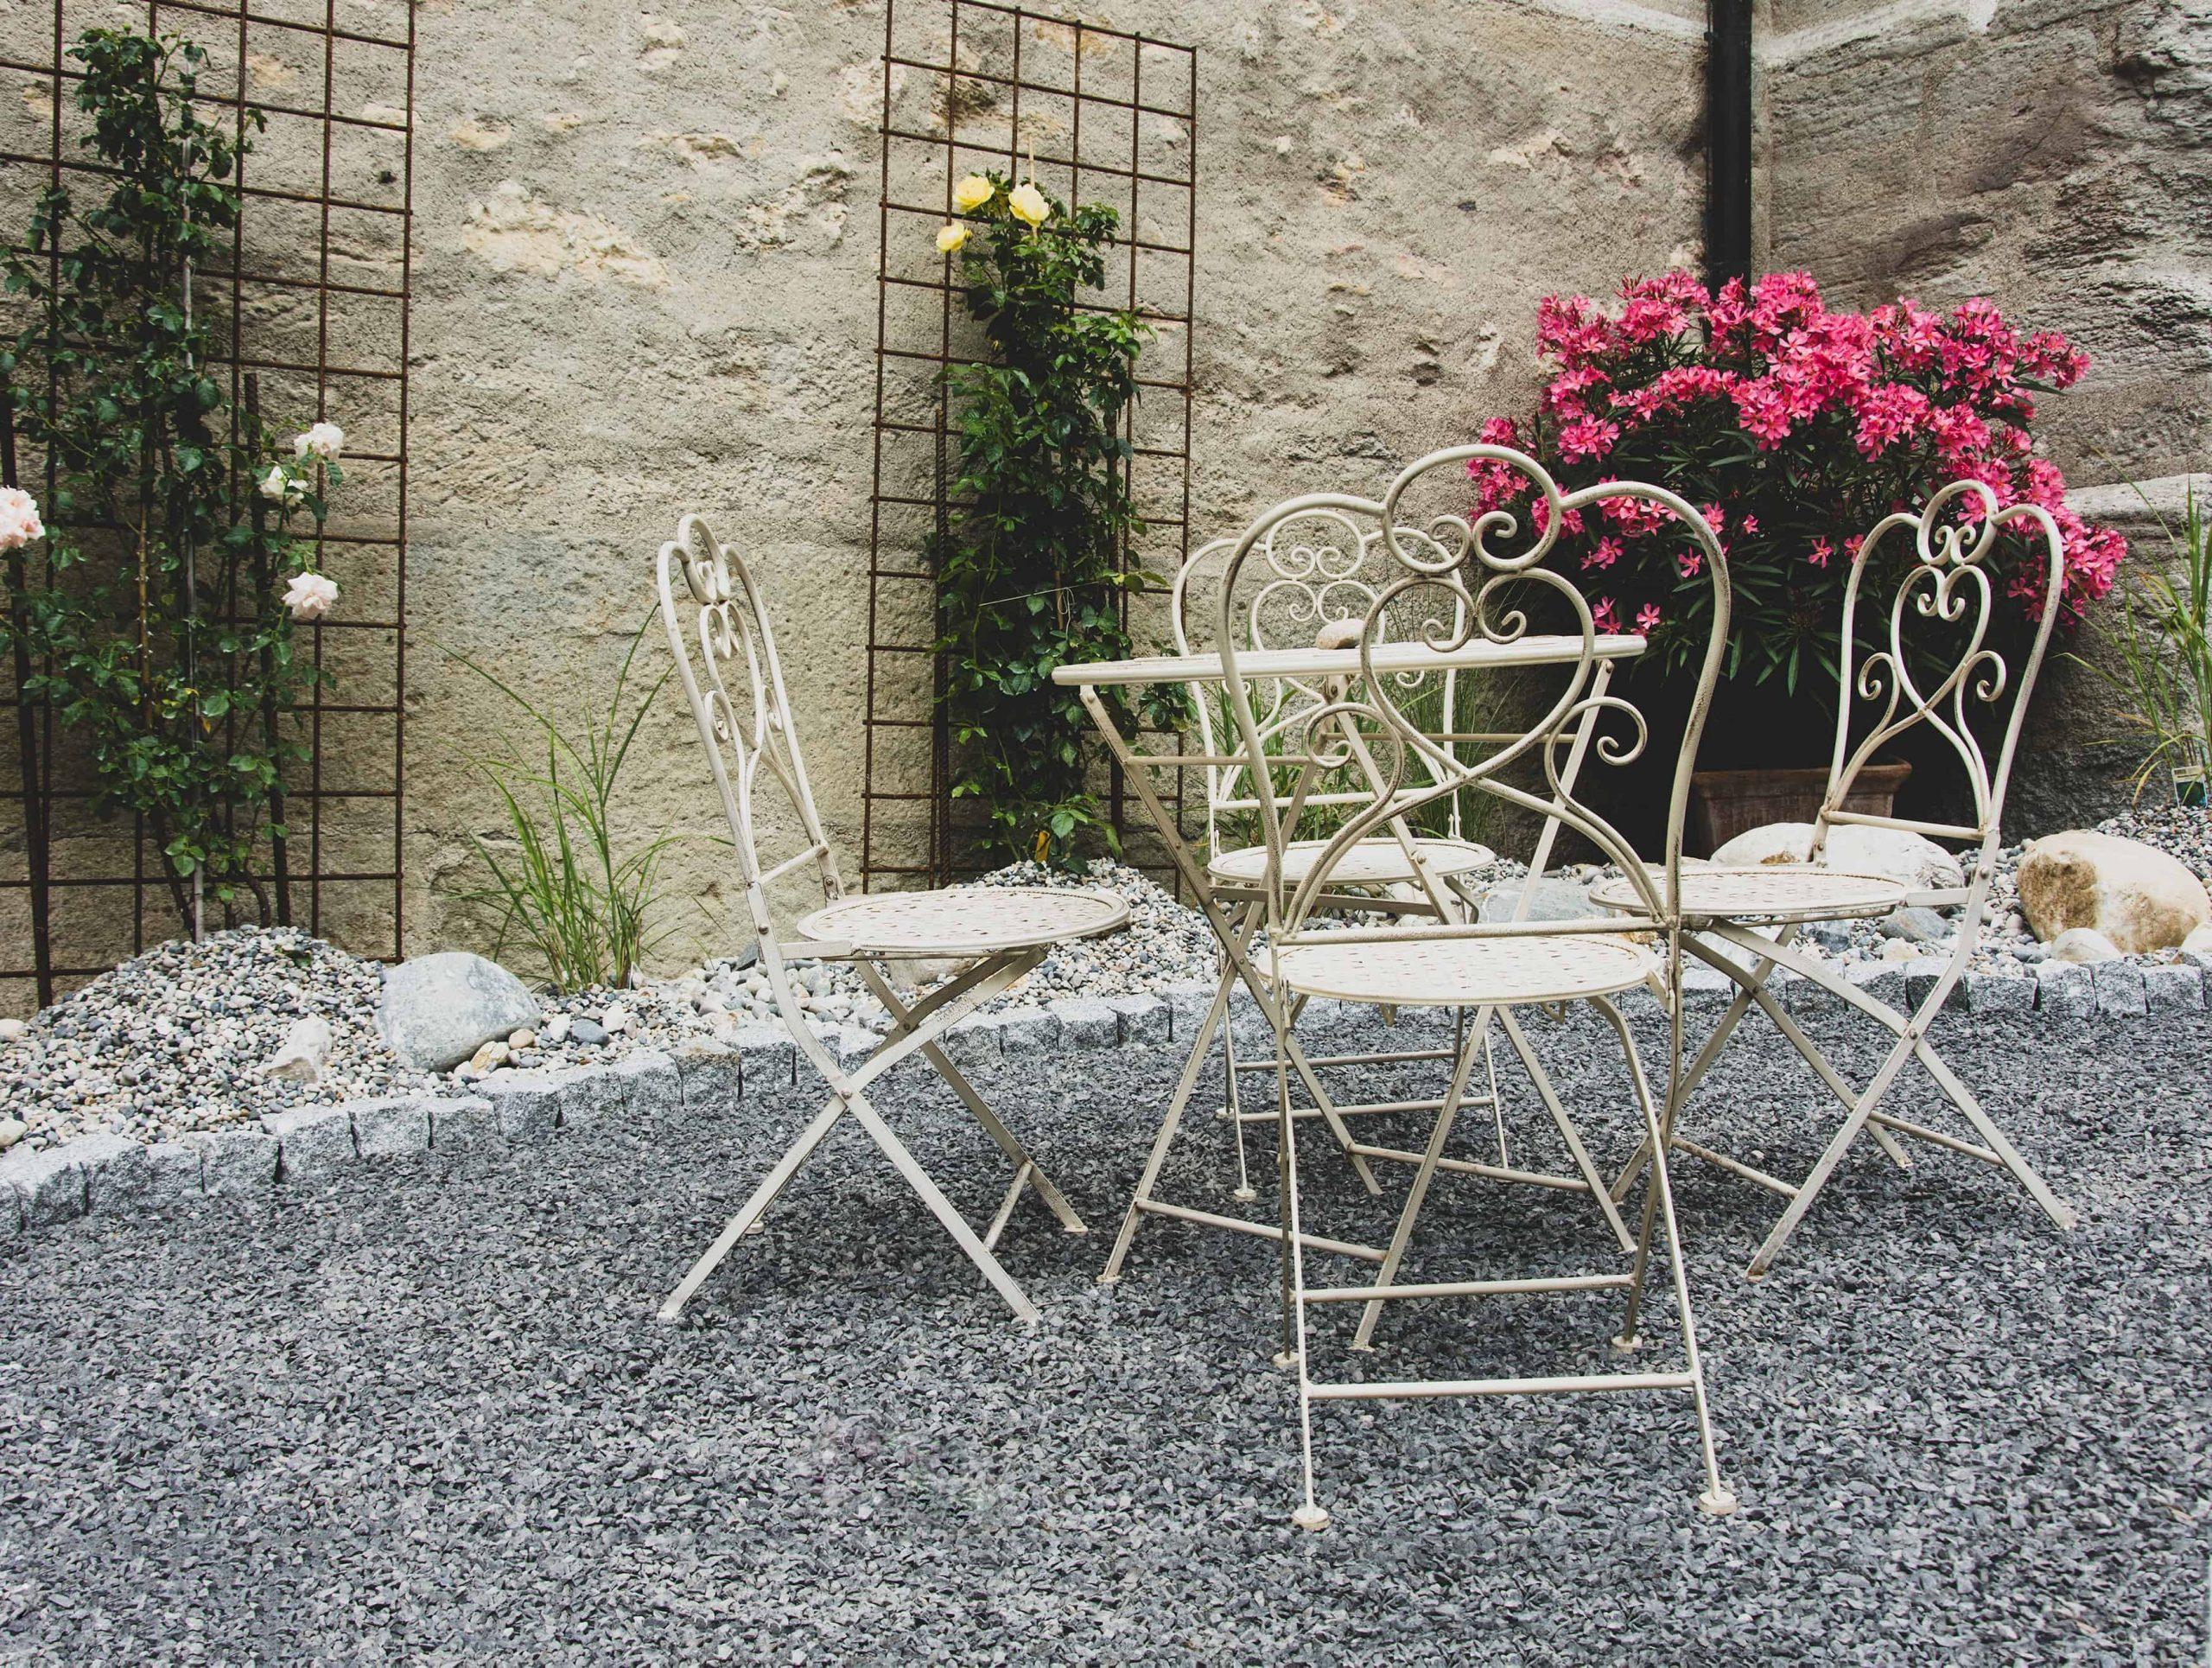 Polsterauflage für Gartenmöbel: Test & Empfehlungen (10/20)